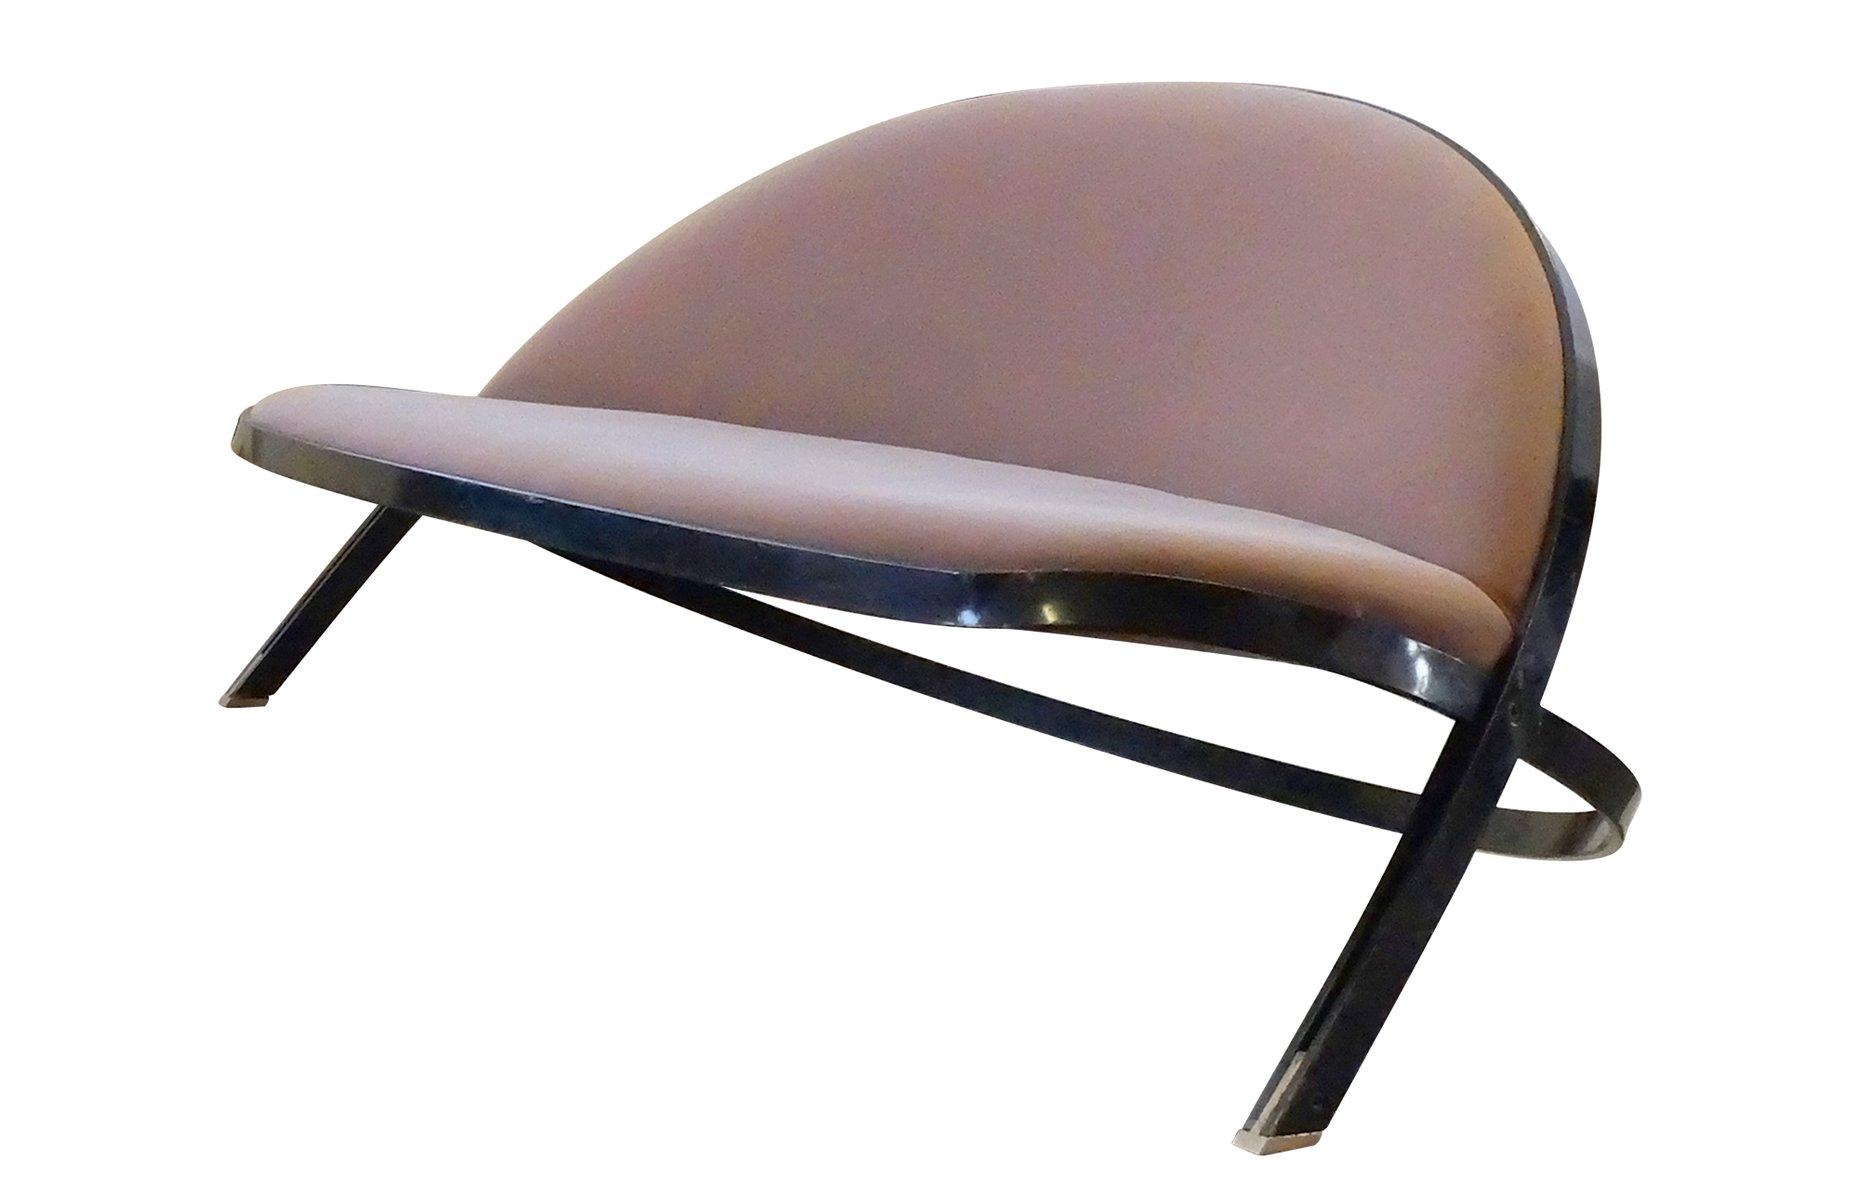 vintage saturno sofa mit rosa bezug aus samt von gastone rinaldi f r rima bei pamono kaufen. Black Bedroom Furniture Sets. Home Design Ideas